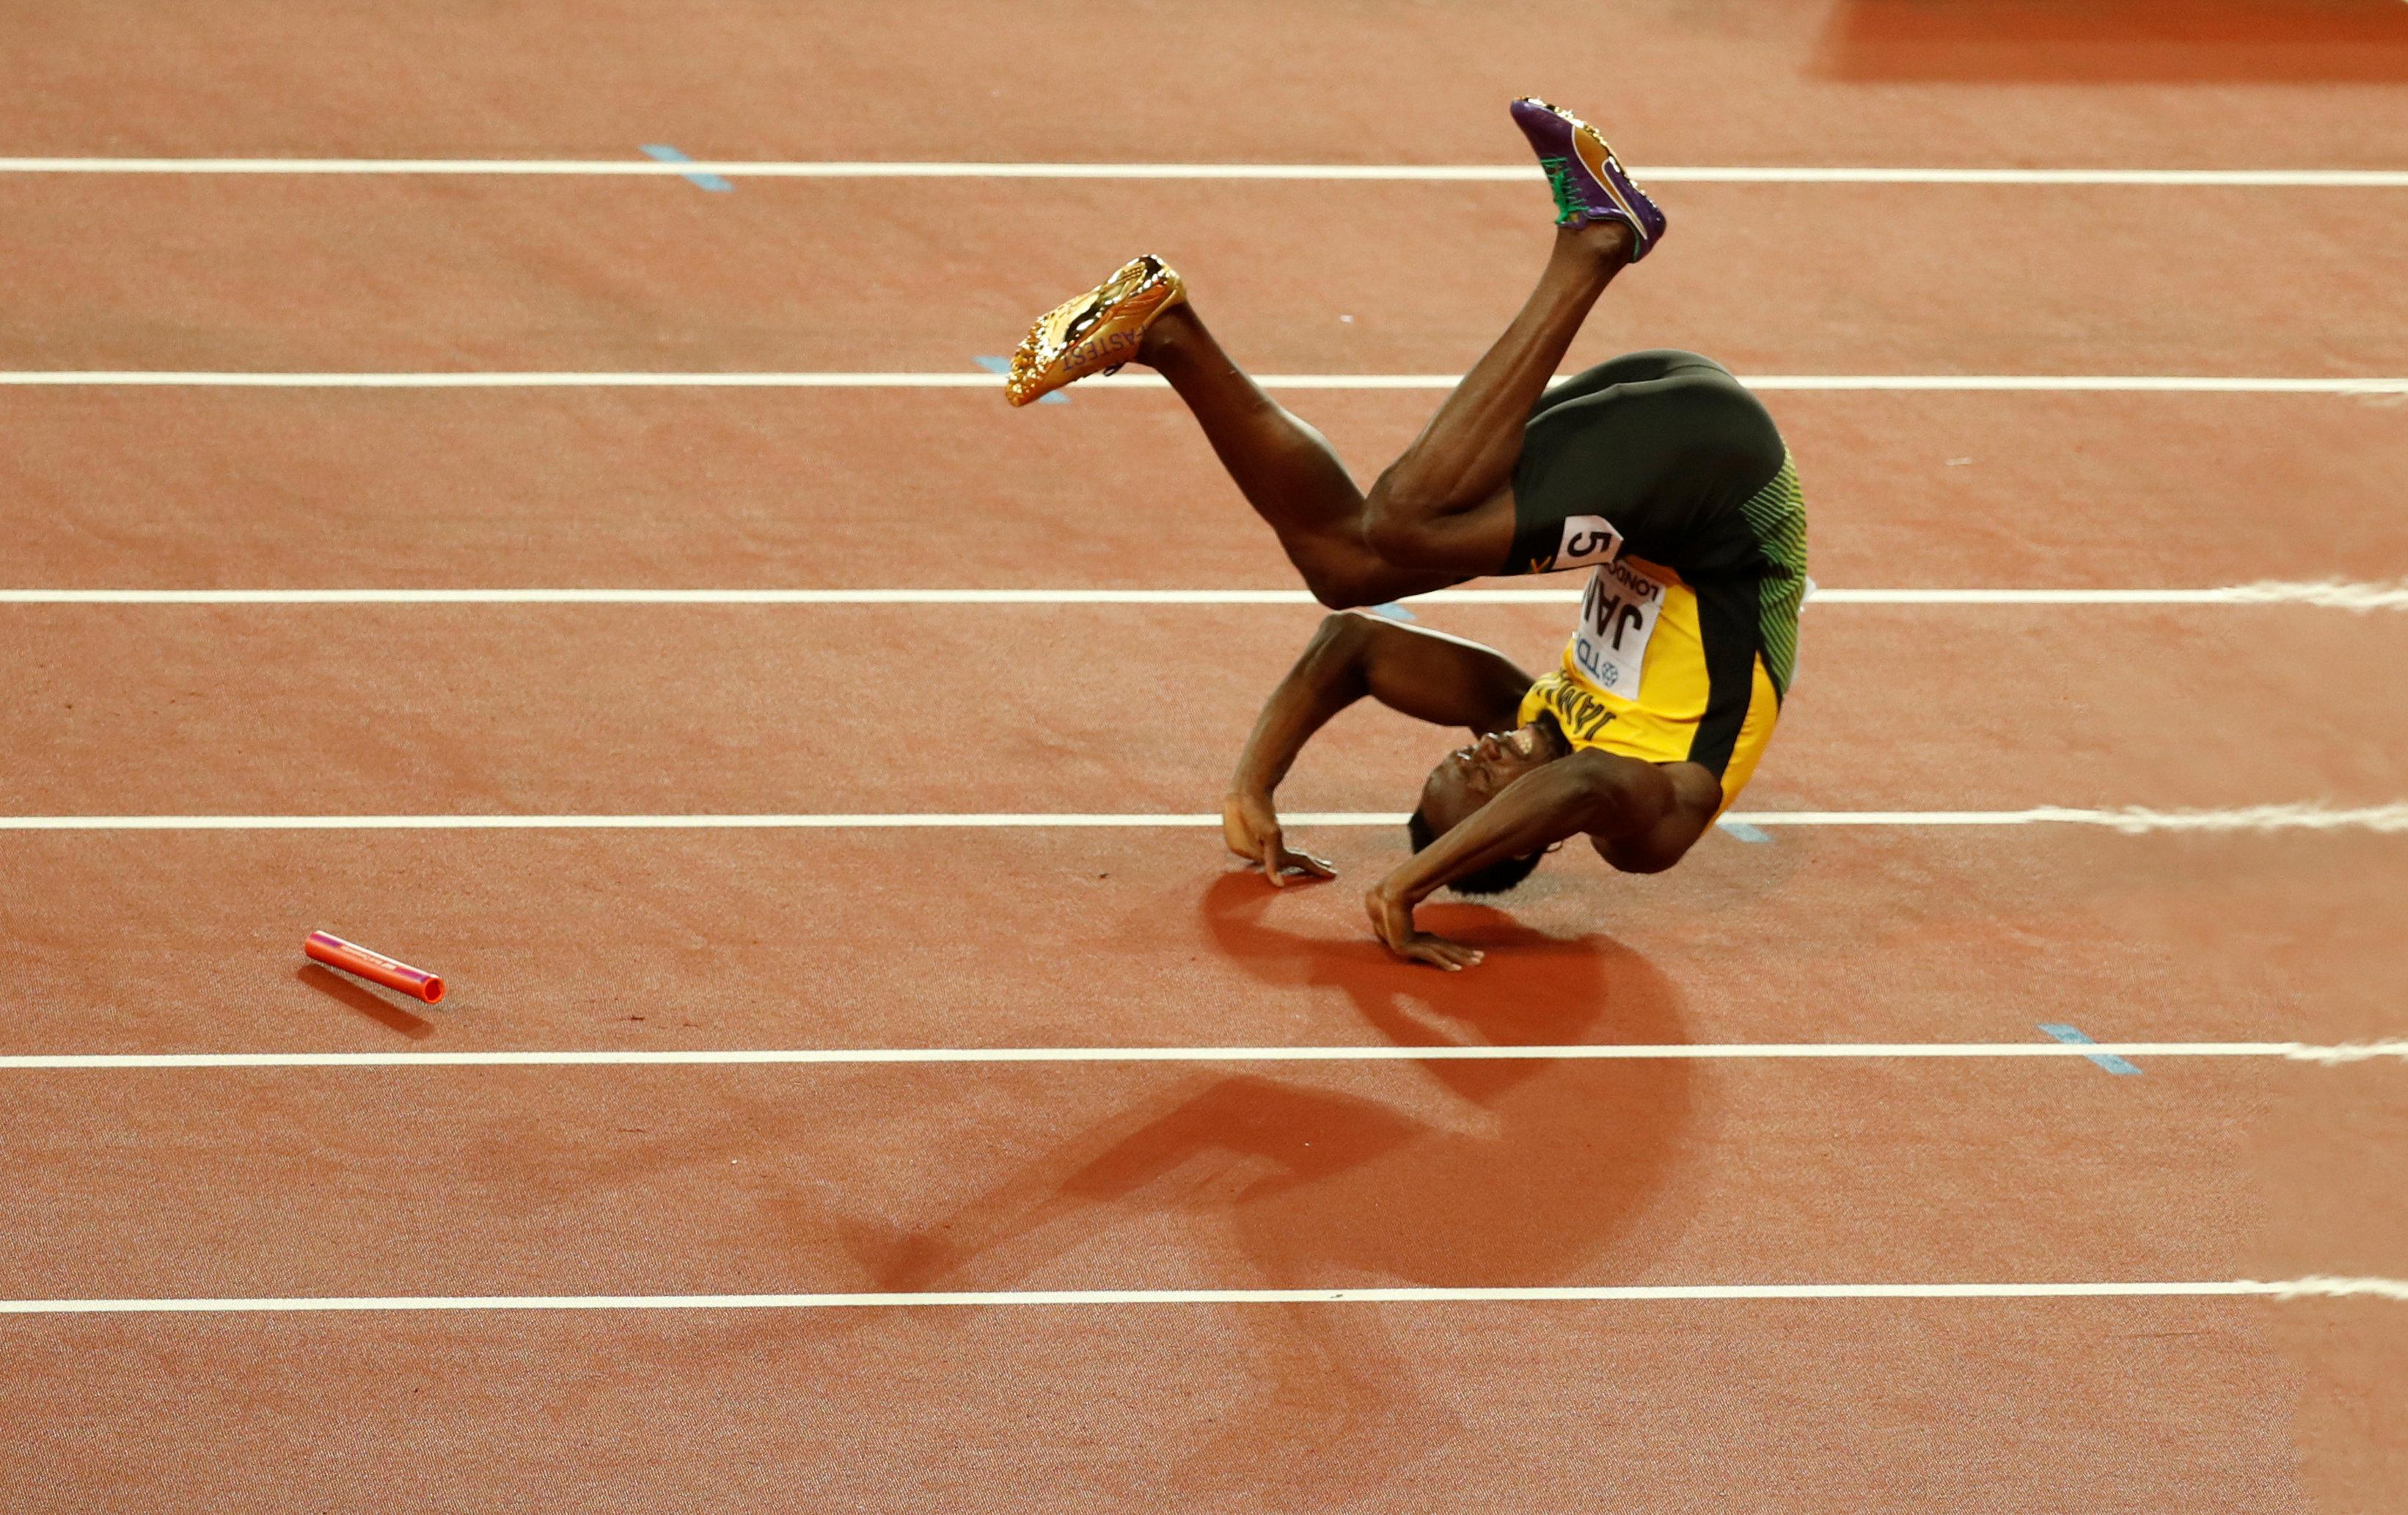 Athlétisme - Bolt, le crépuscule du dieu du stade